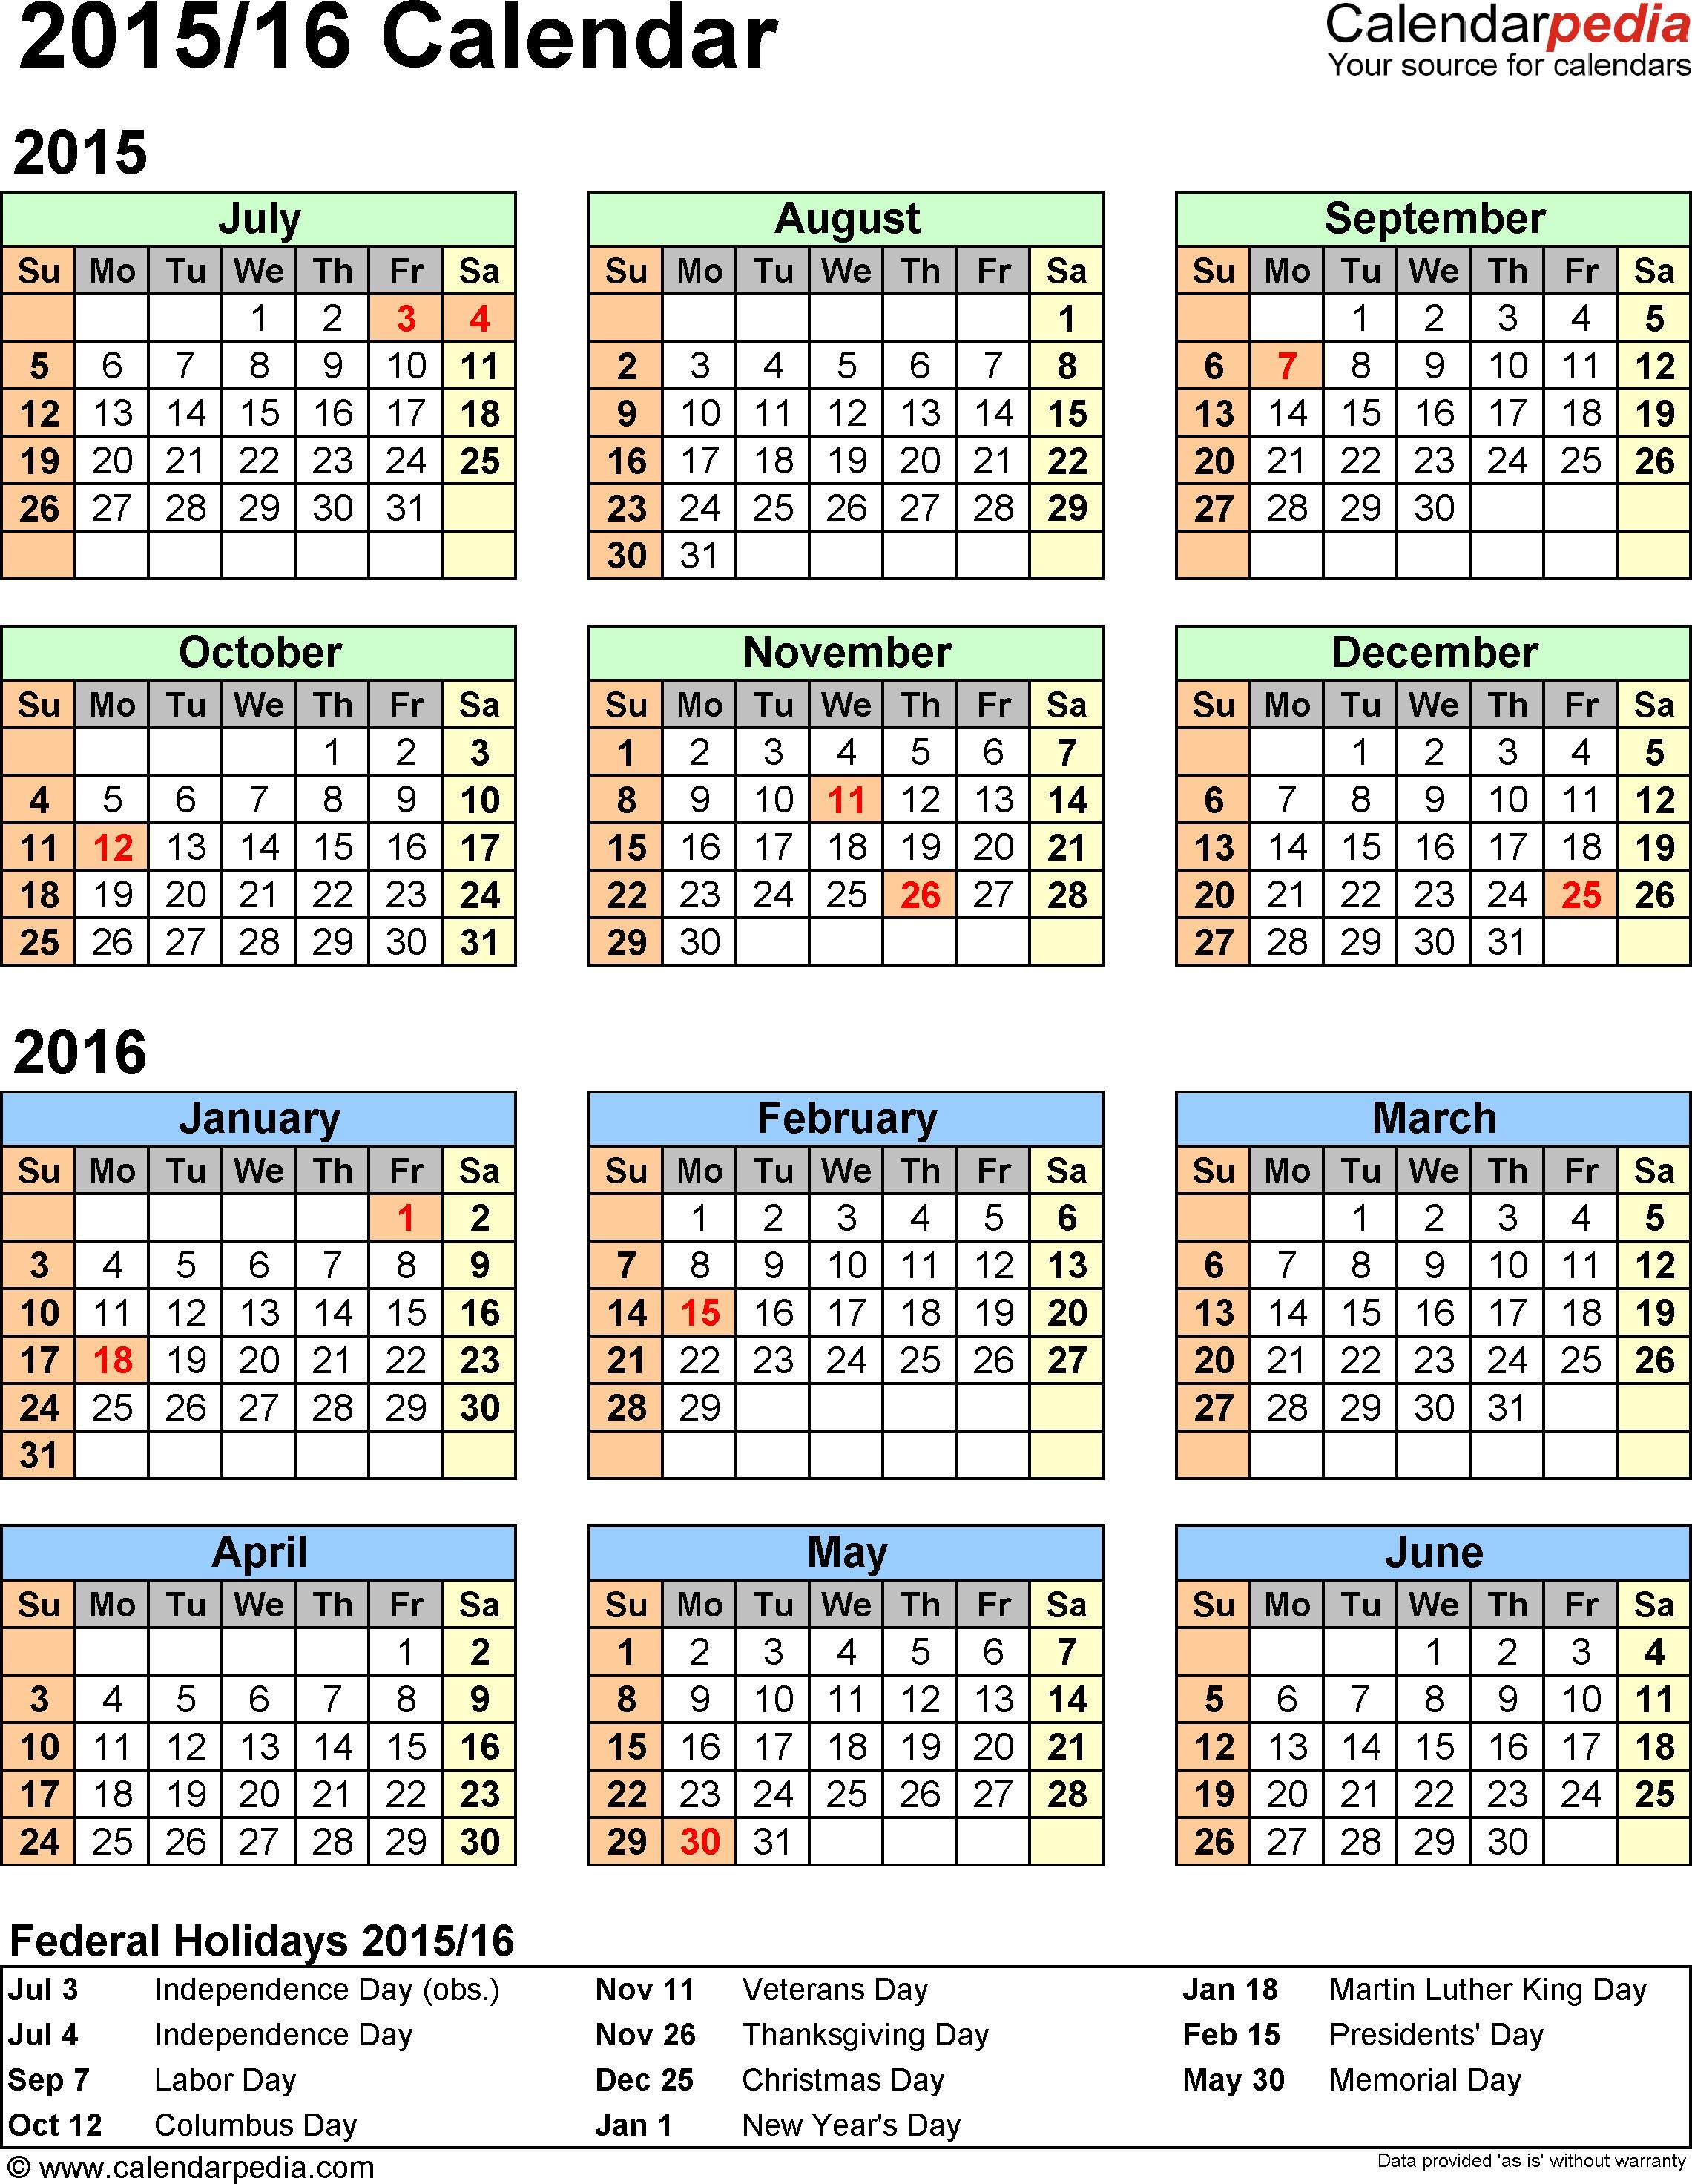 Free Hour Shift Schedule Win Calendar Templates August 2015 Word Calendar Vatozb Rural